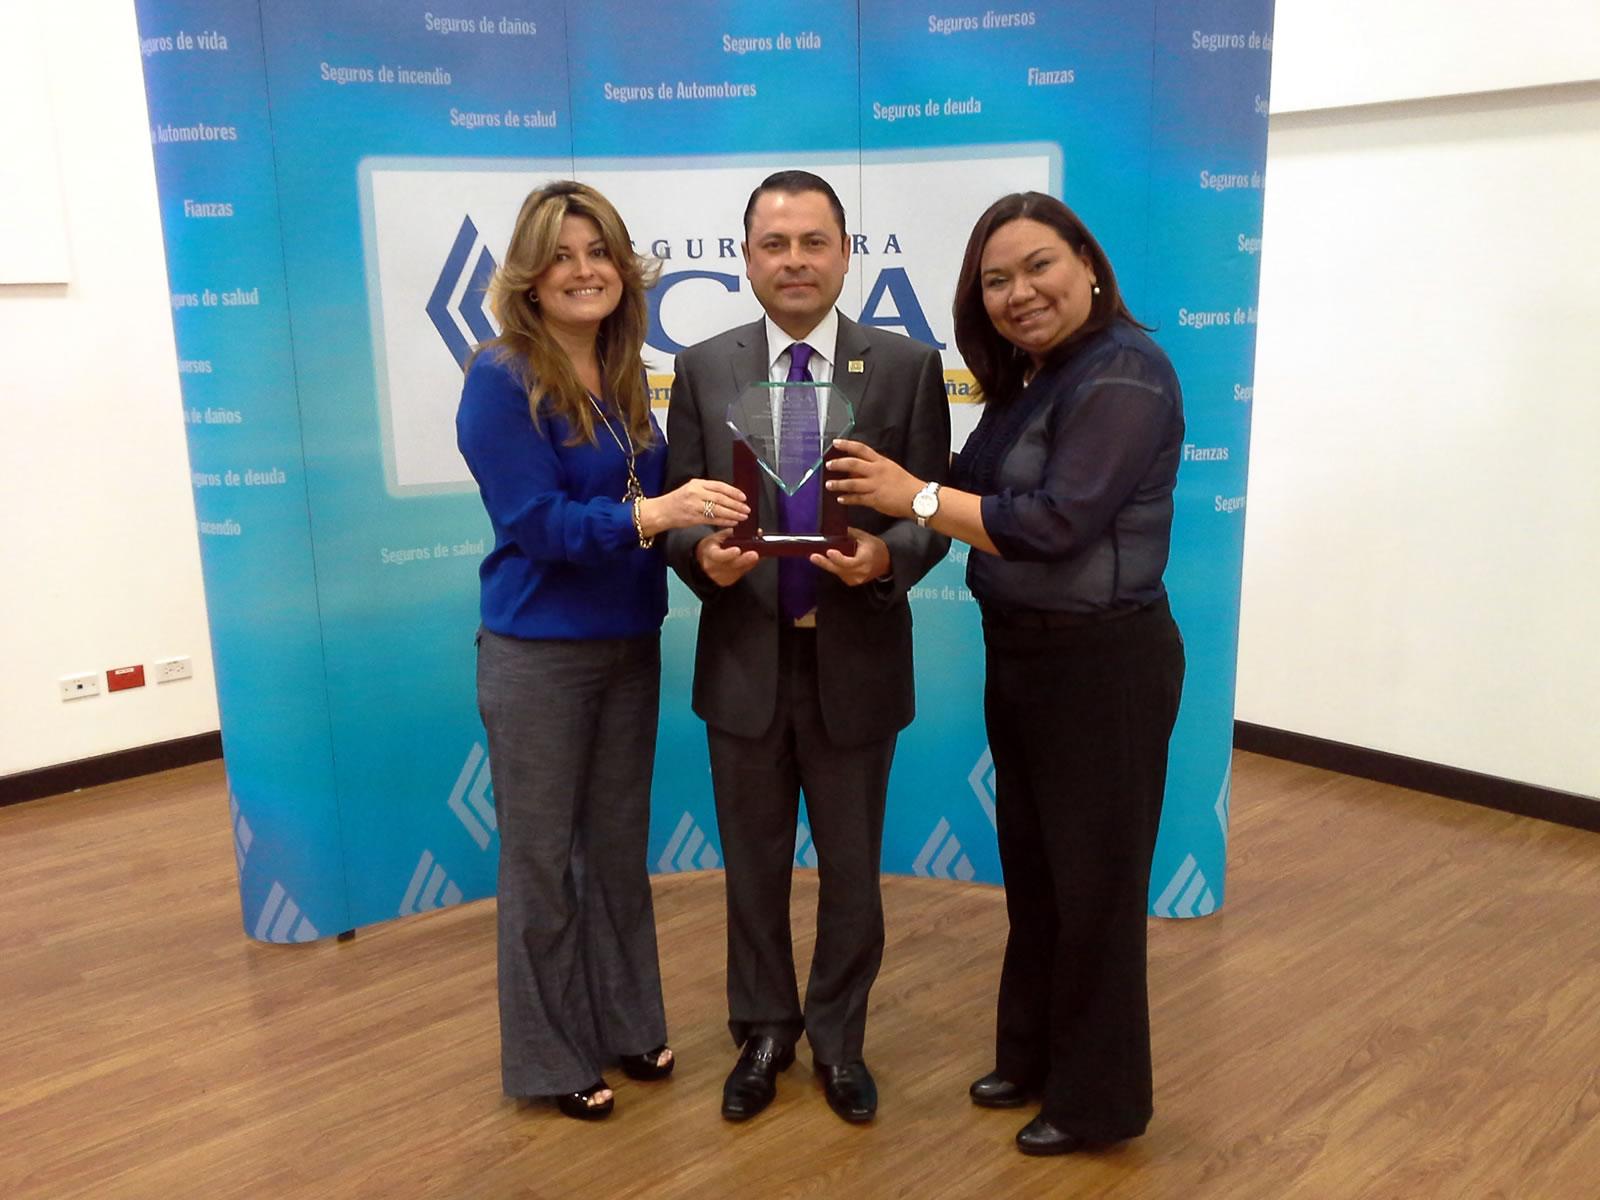 Premio ACSA 2013